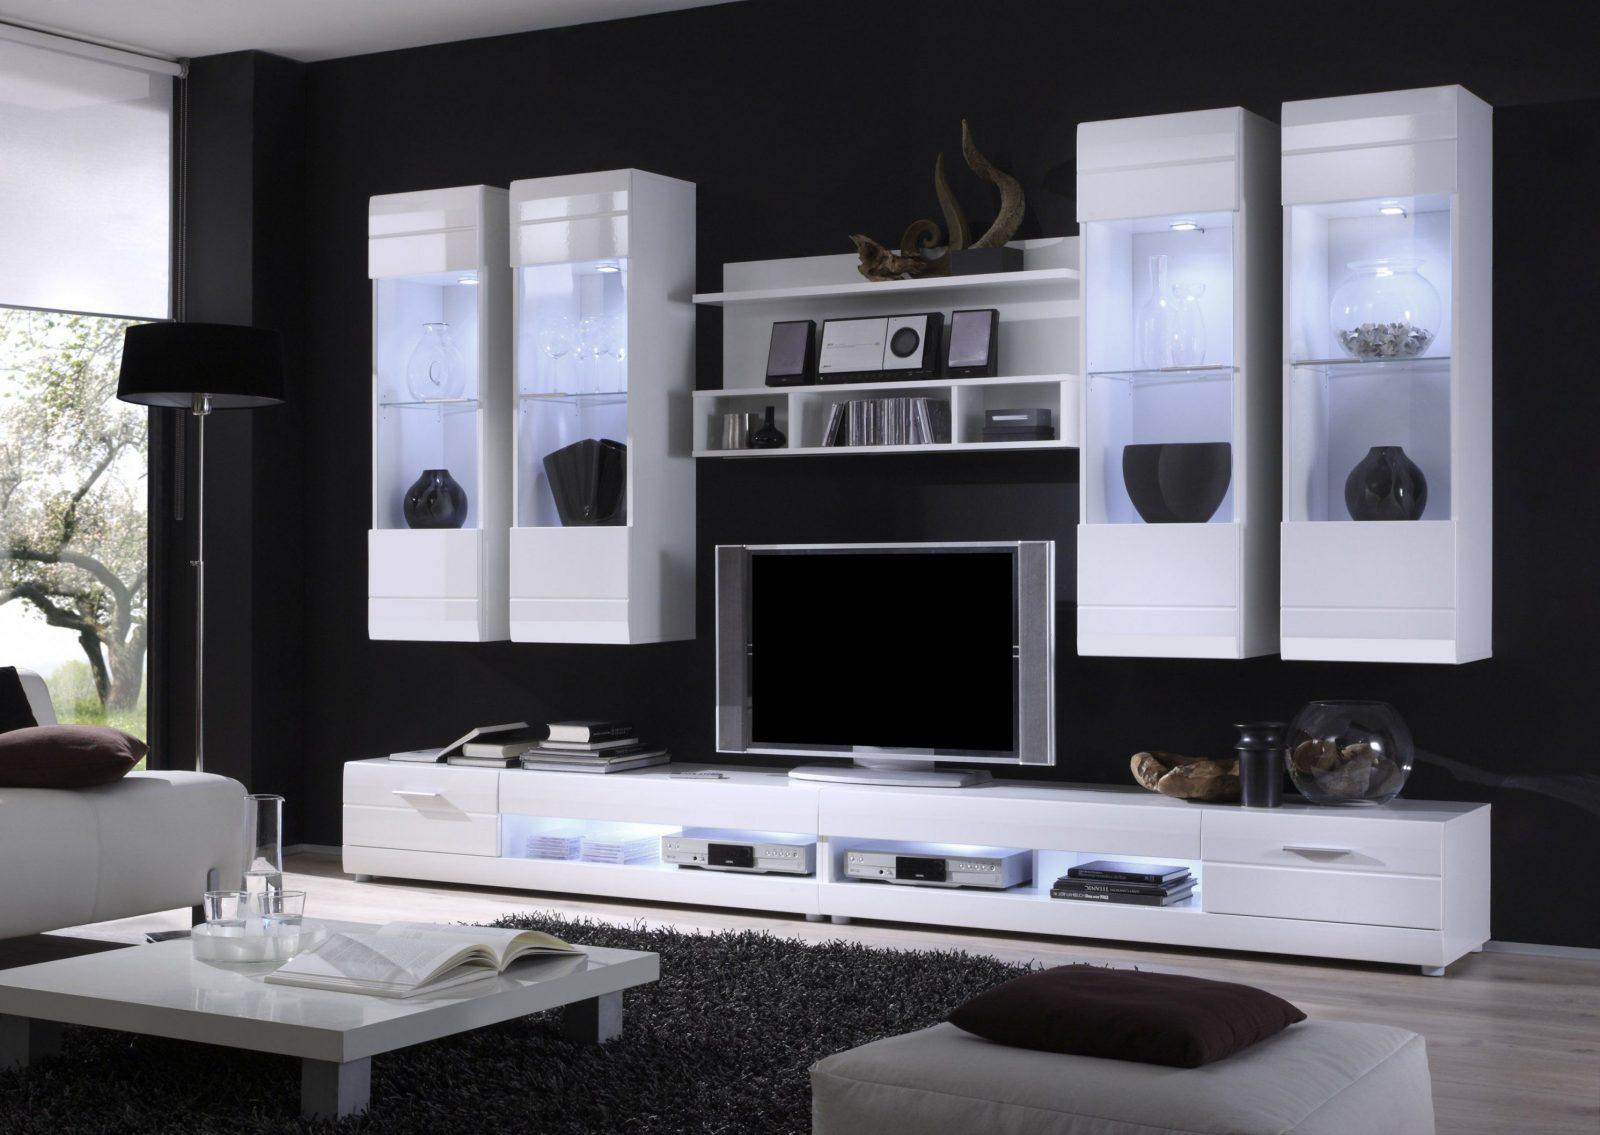 Elegant Schrankwand Weiß Hochglanz Furchterregend Auf Kreative Deko Ideen Von  Wohnwand Schrankwand Weiß Hochglanz Bild